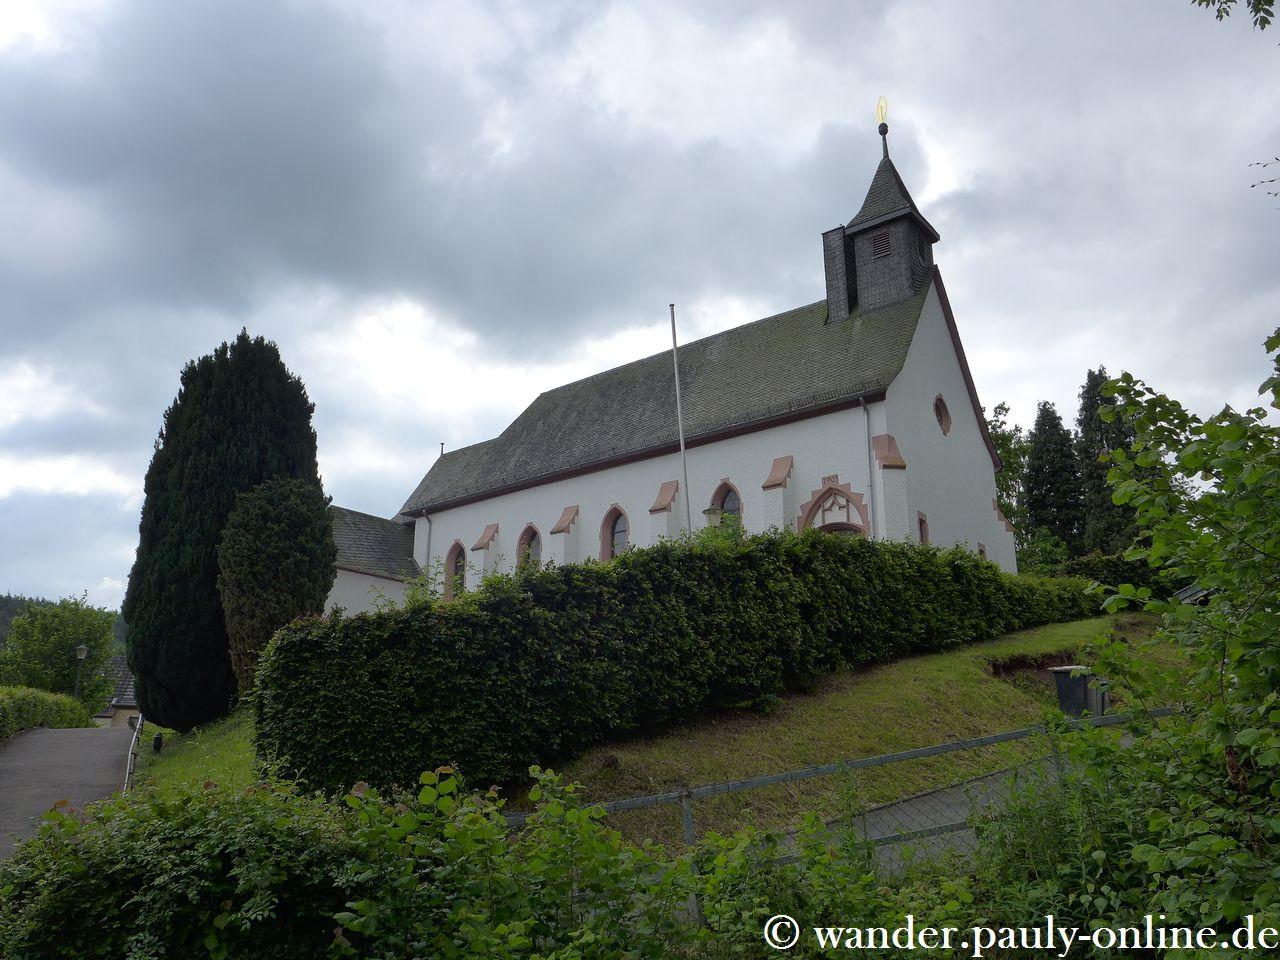 Pingenwanderweg - Golbacher Kirche